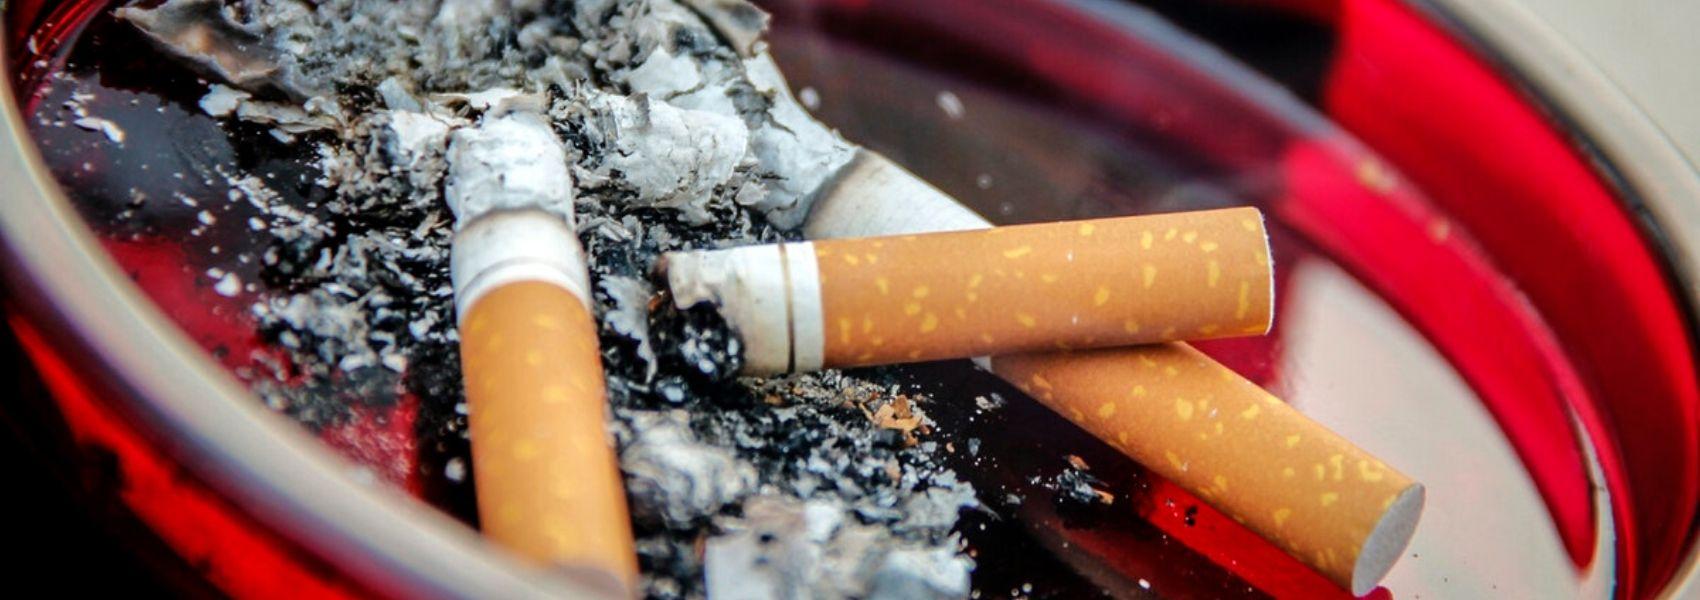 Estudo descobre que a solidão torna mais difícil deixar de fumar